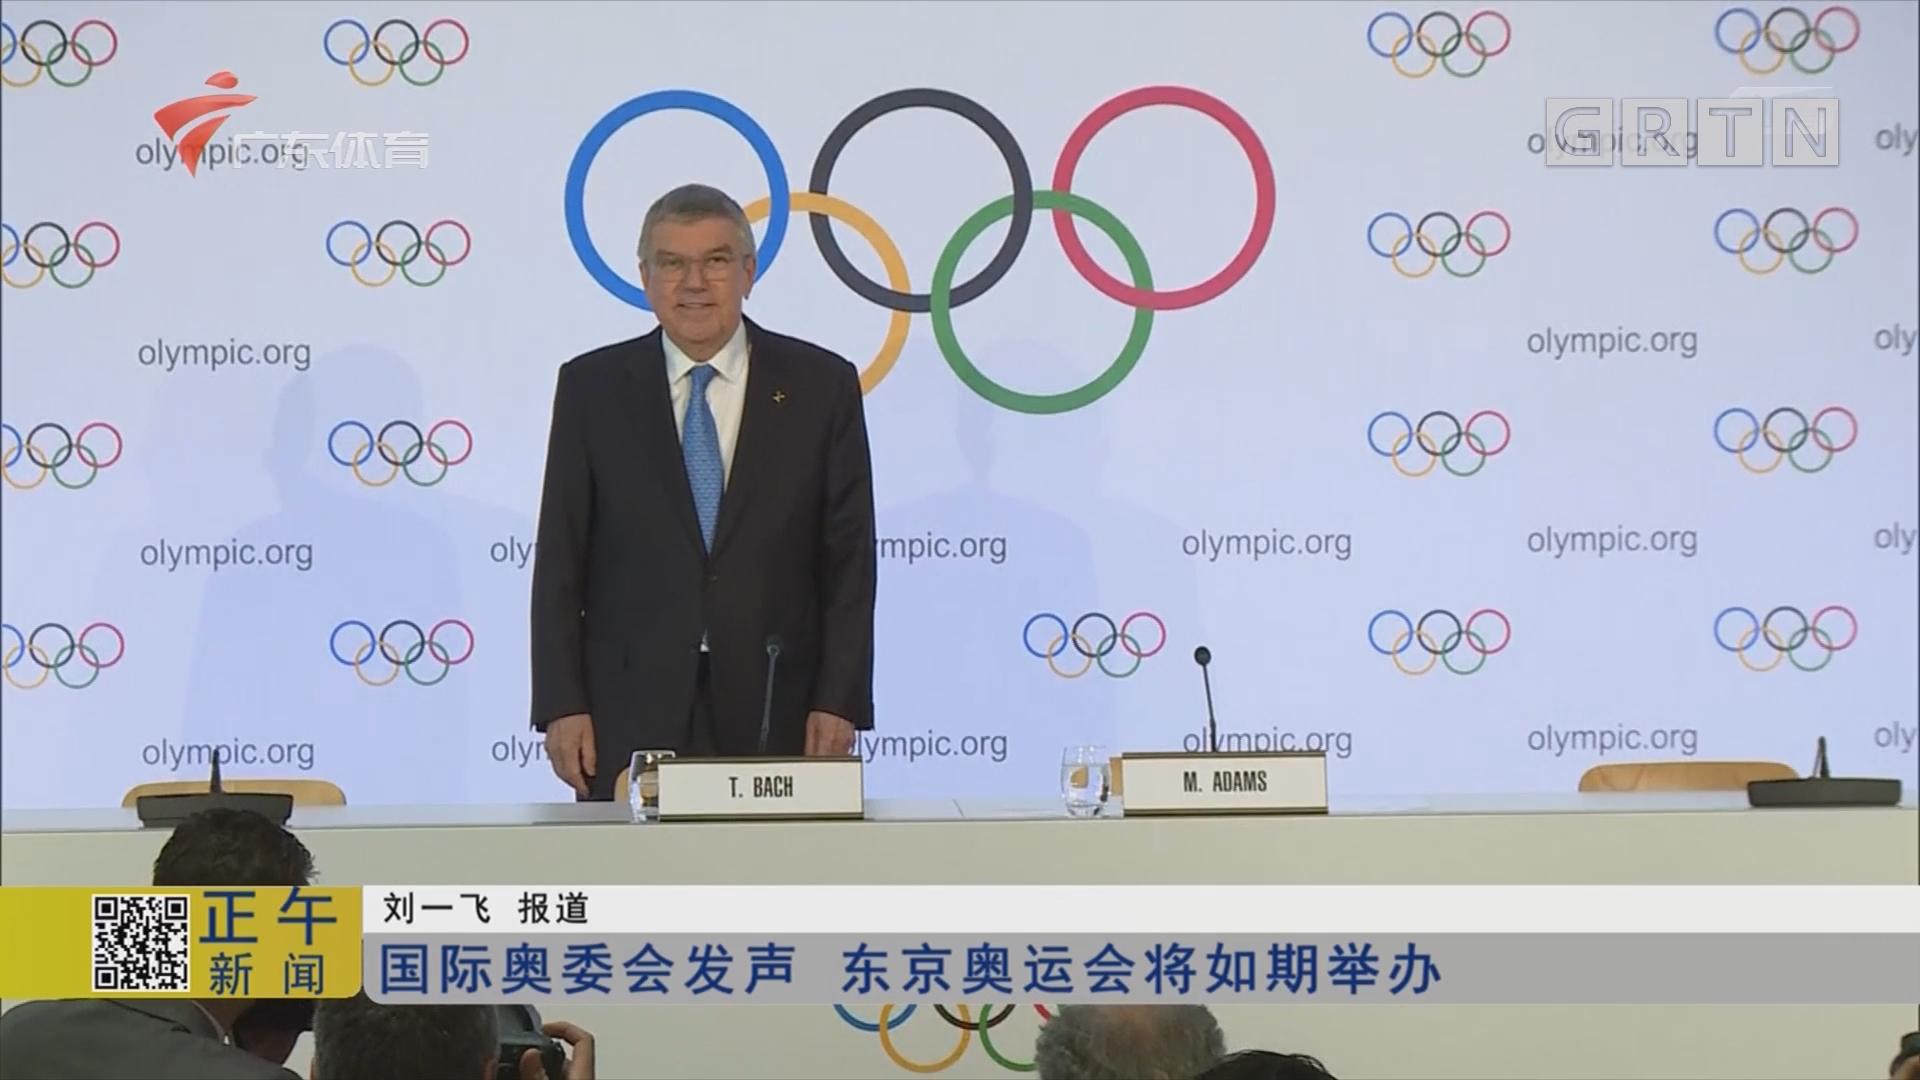 国际奥委会发声 东京奥运会将如期举办